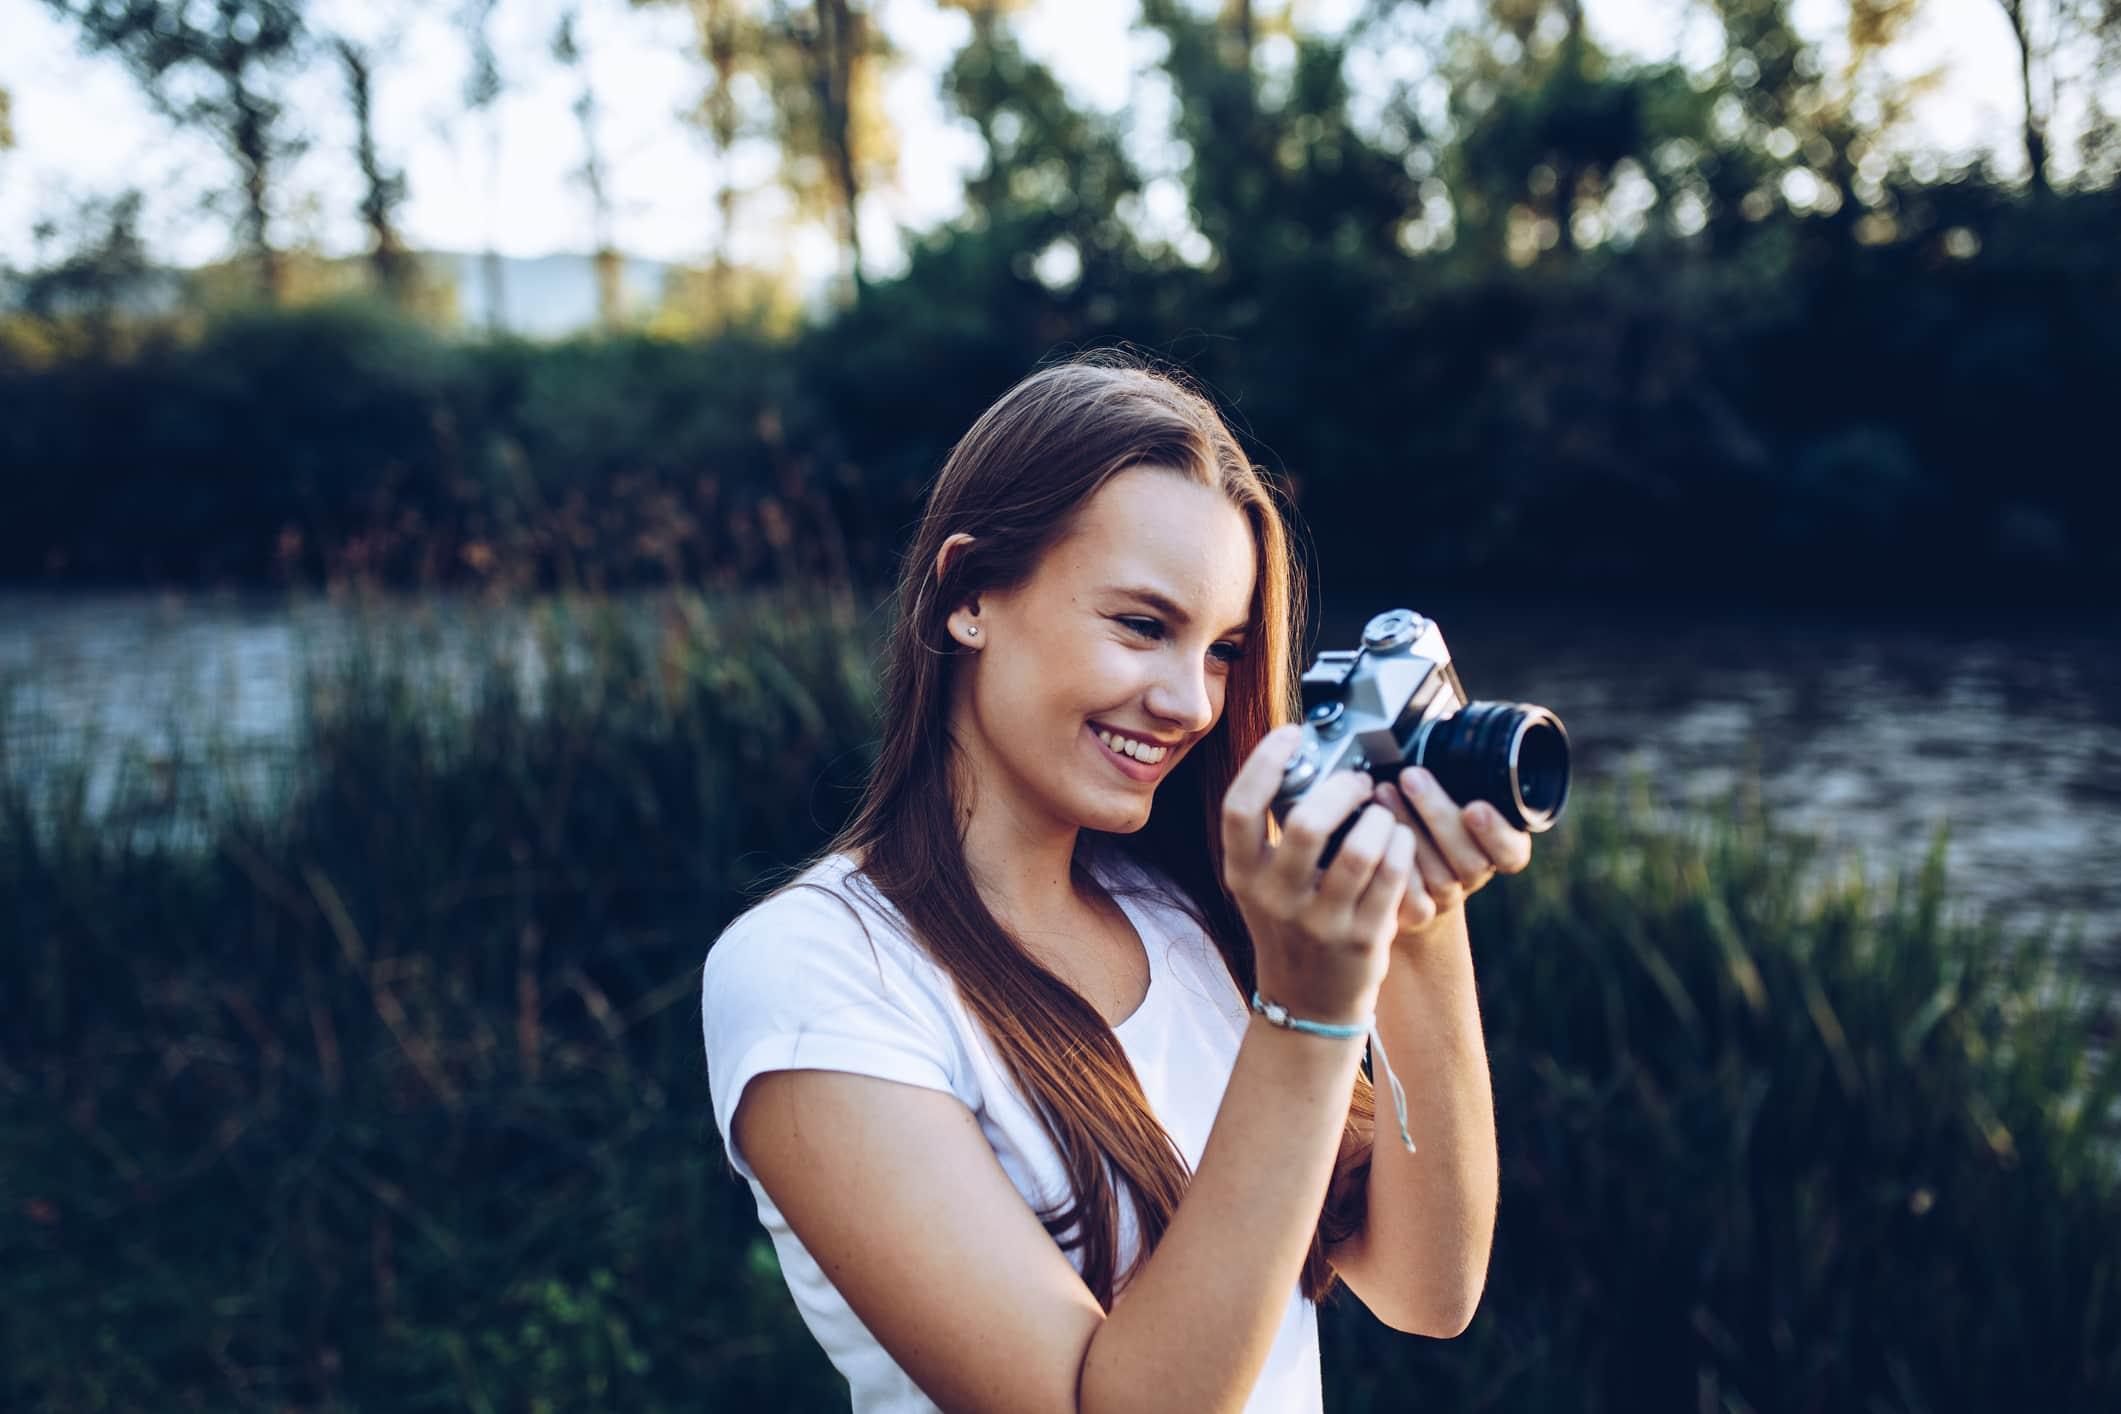 того, в каком городе обучают на фотографа фирмы купить передние